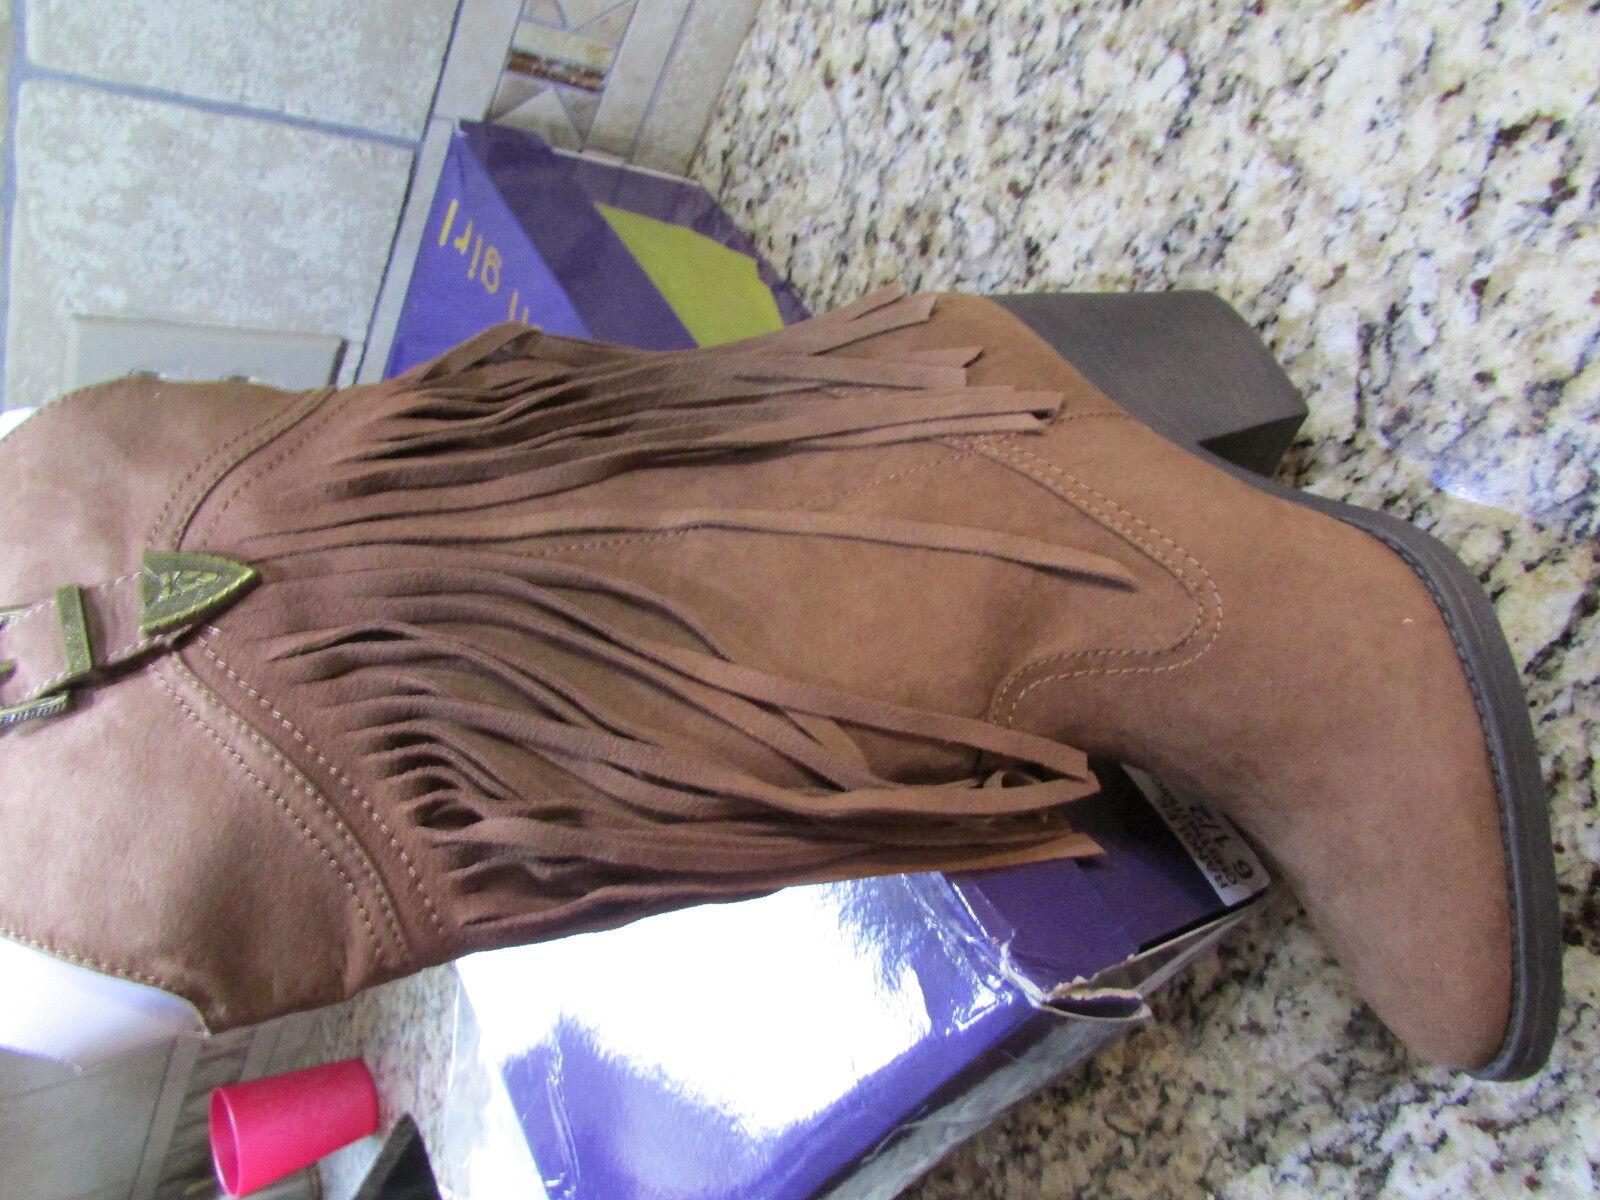 NEU MADDEN GIRL RANGLEE WESTERN FRINGE BOOTS Damenschuhe 6.5 CHESTNUT COGNAC